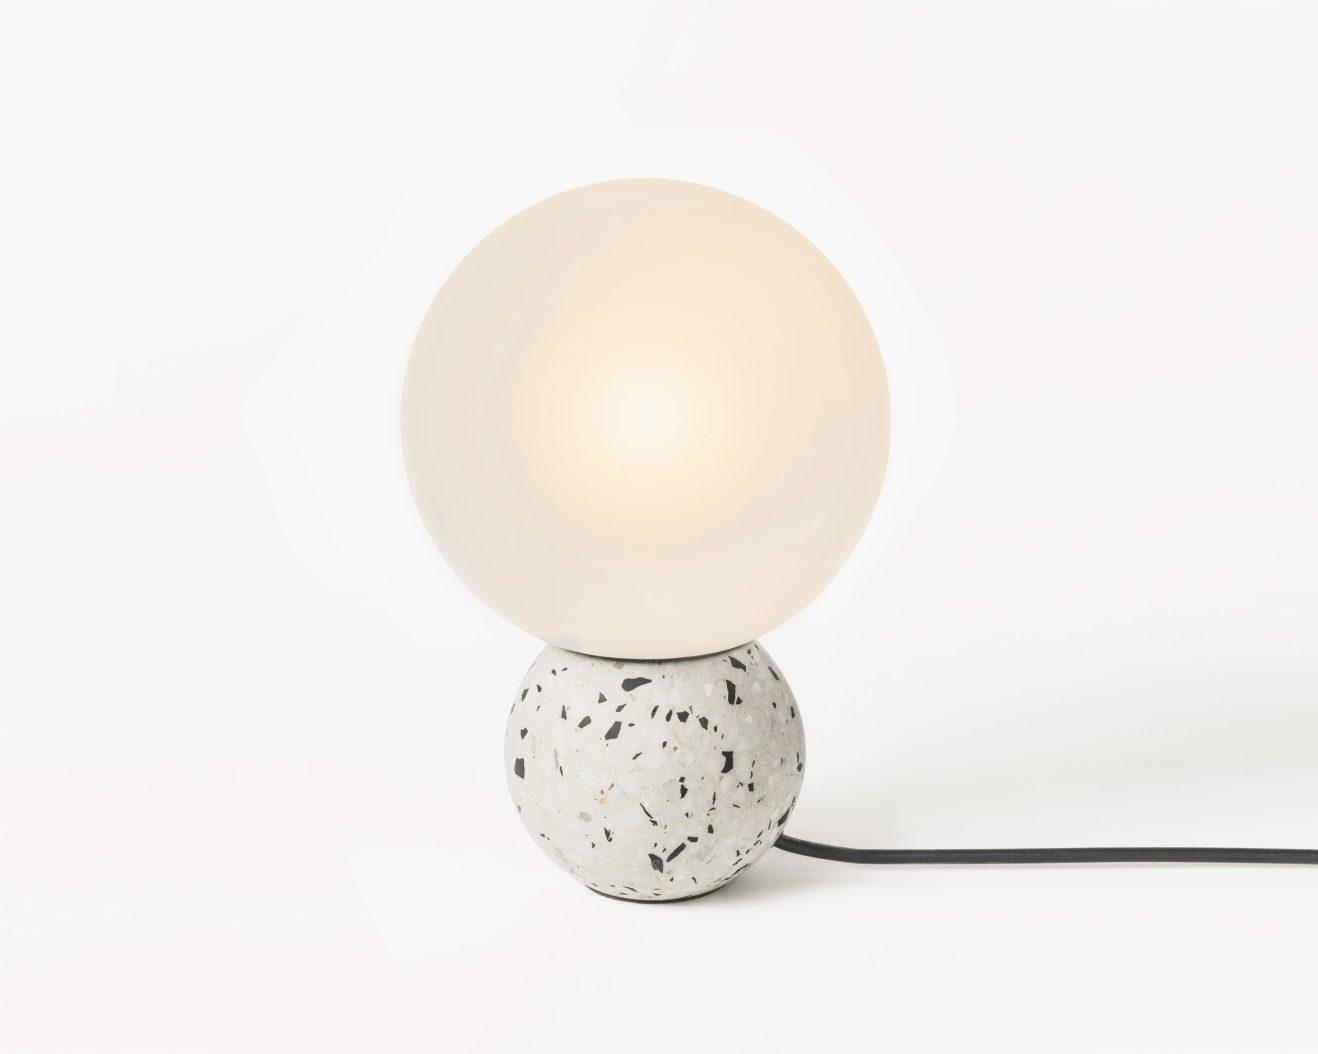 BentuDesign-White-Terrazzo-Lamp-8